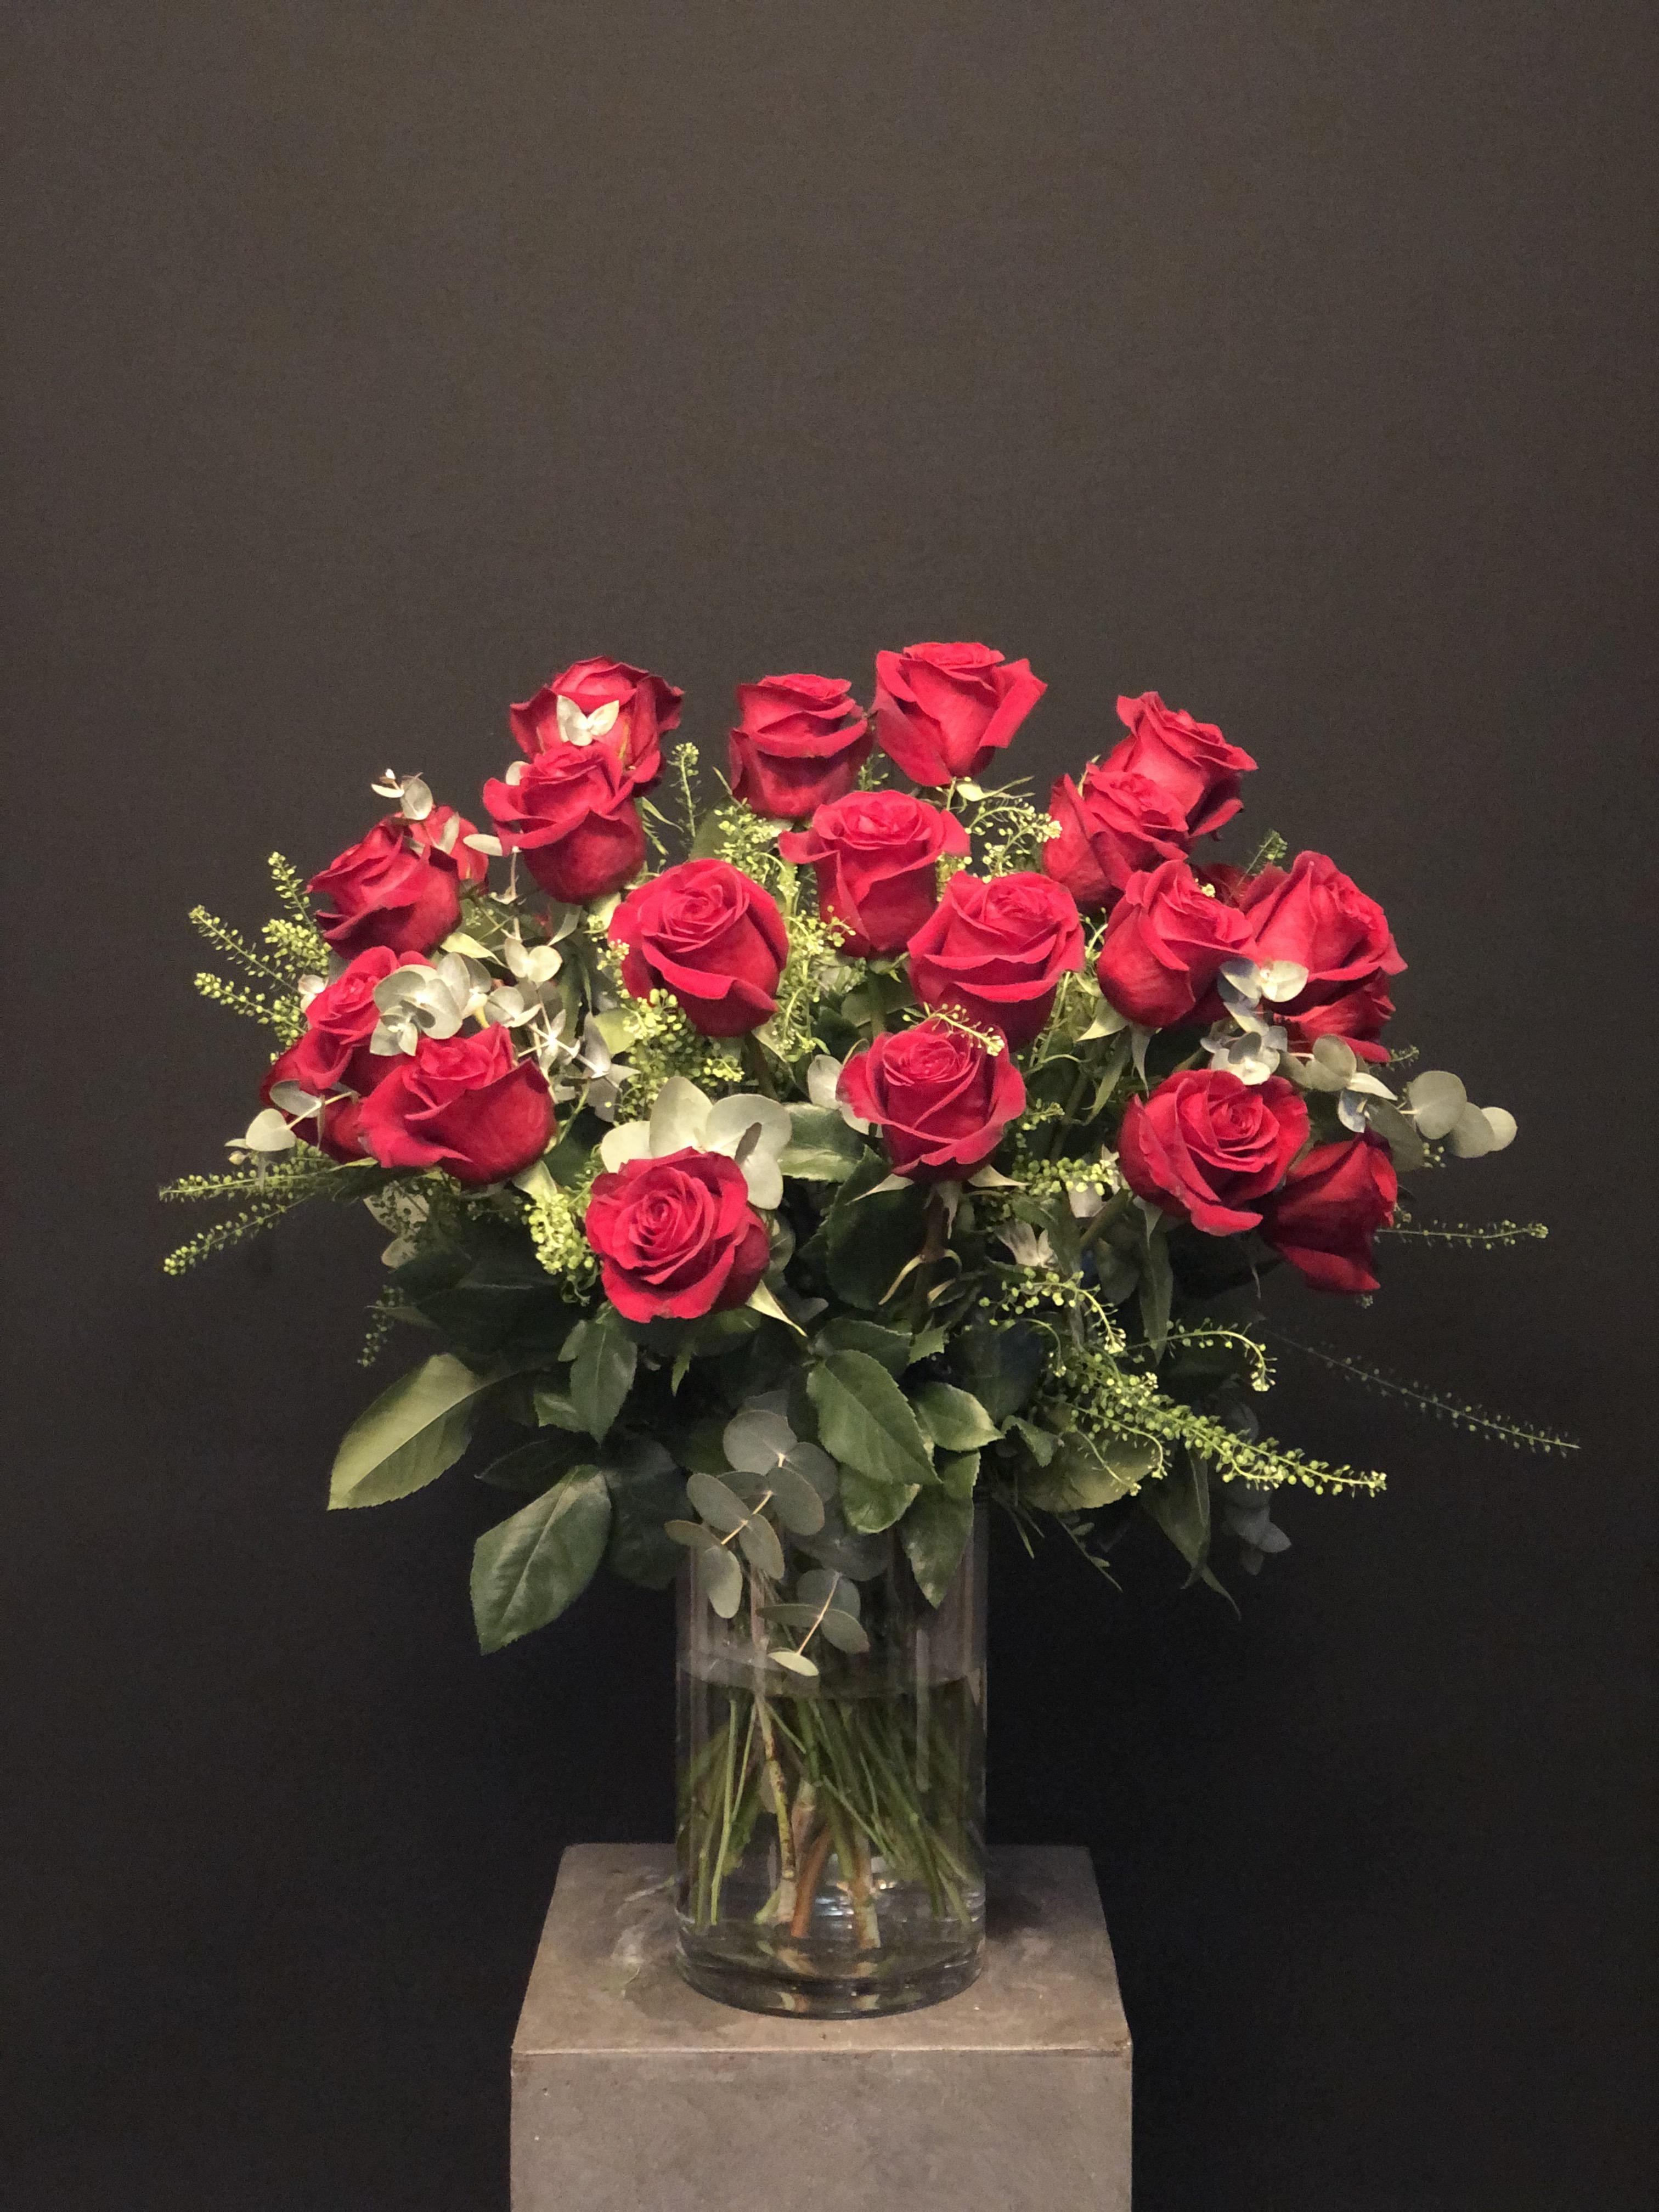 Ramo San Valentin 24 rosas con verdes con jarrón